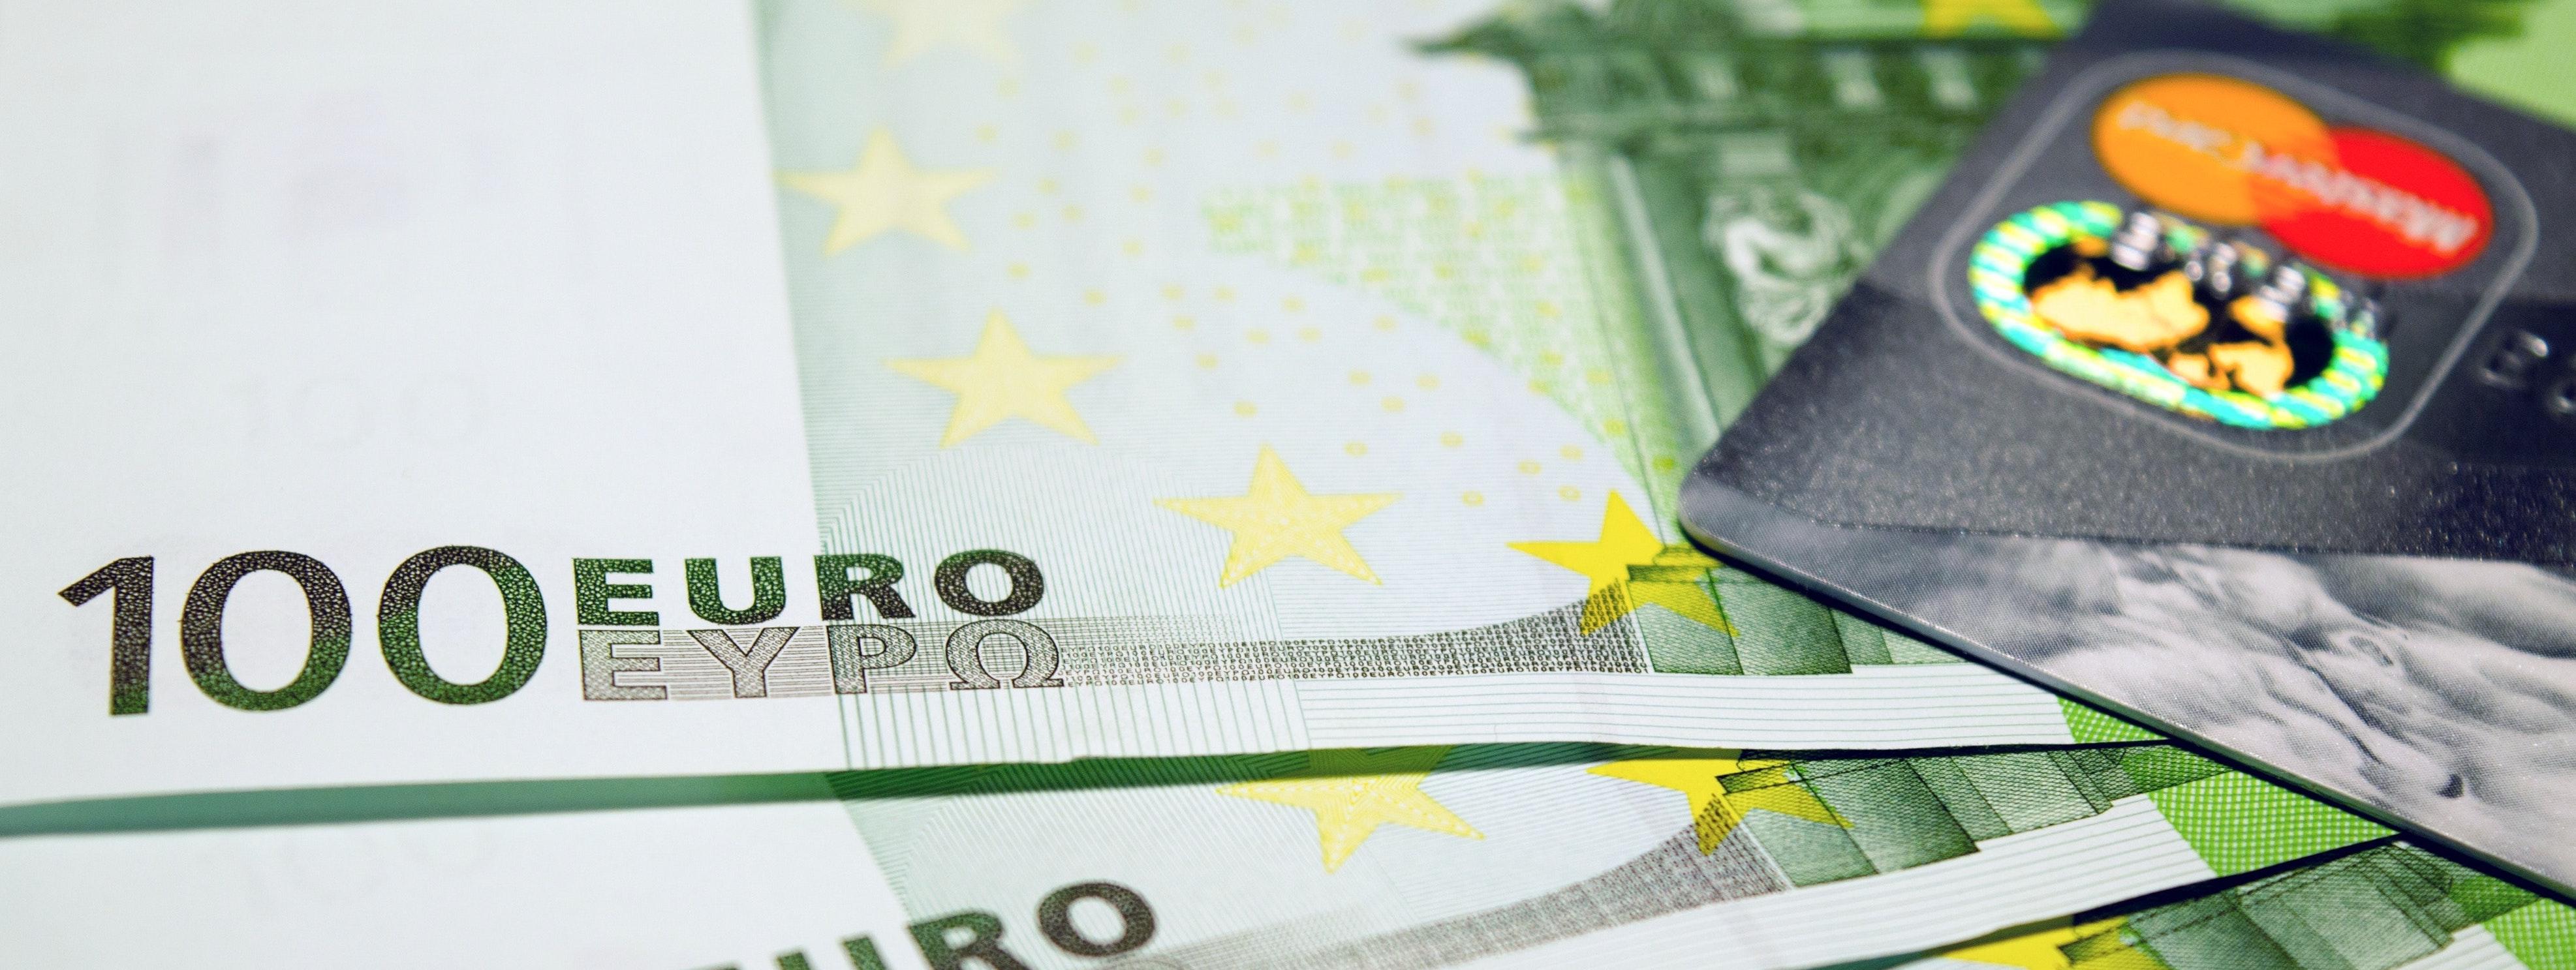 100-banknotes-bills-210745